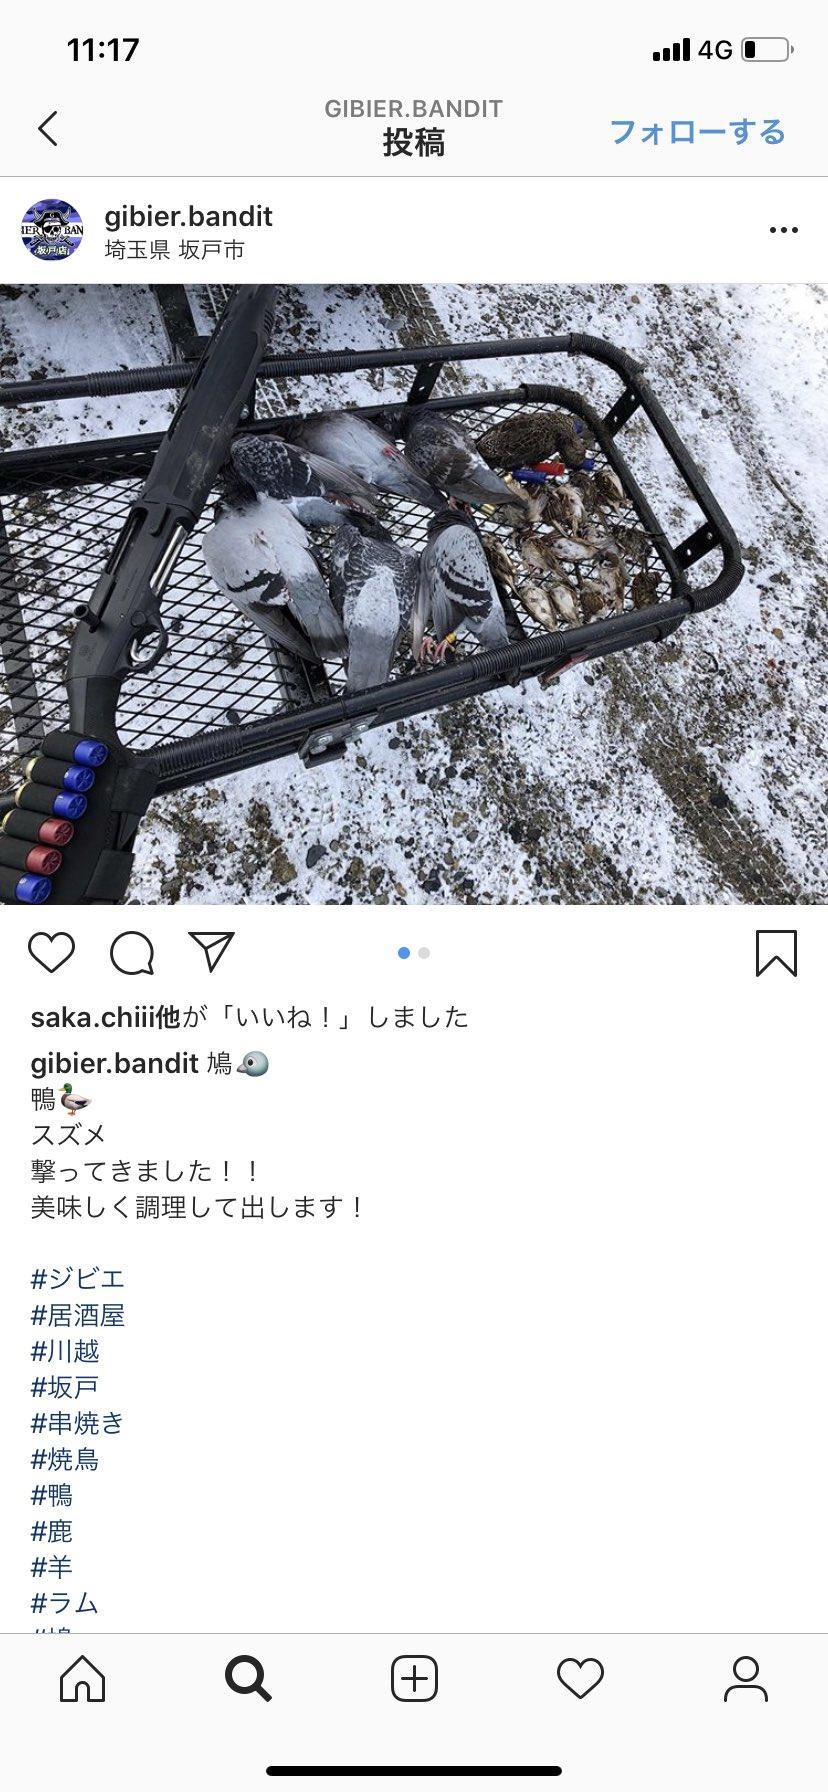 埼玉 ジビエ レース 鳩